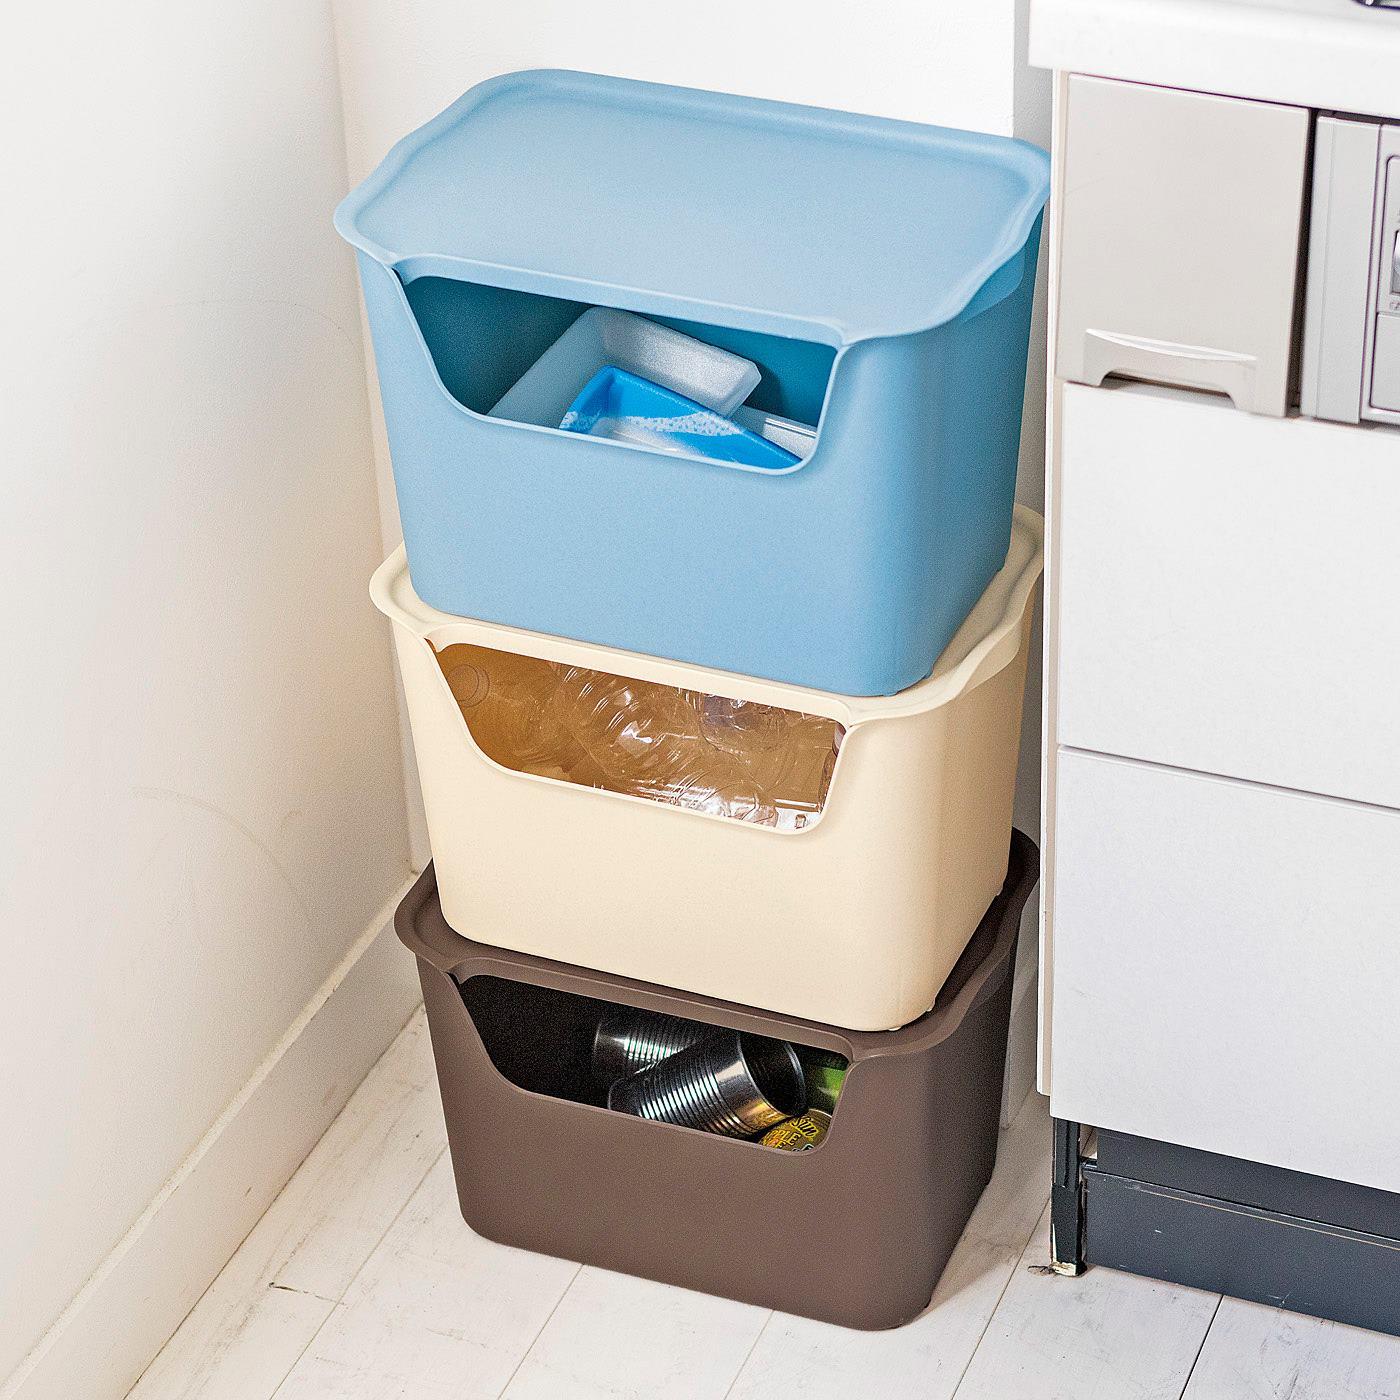 ゴミの分別や、根菜やキッチン用品のストックに。水洗いできるから、きれいに保てます。